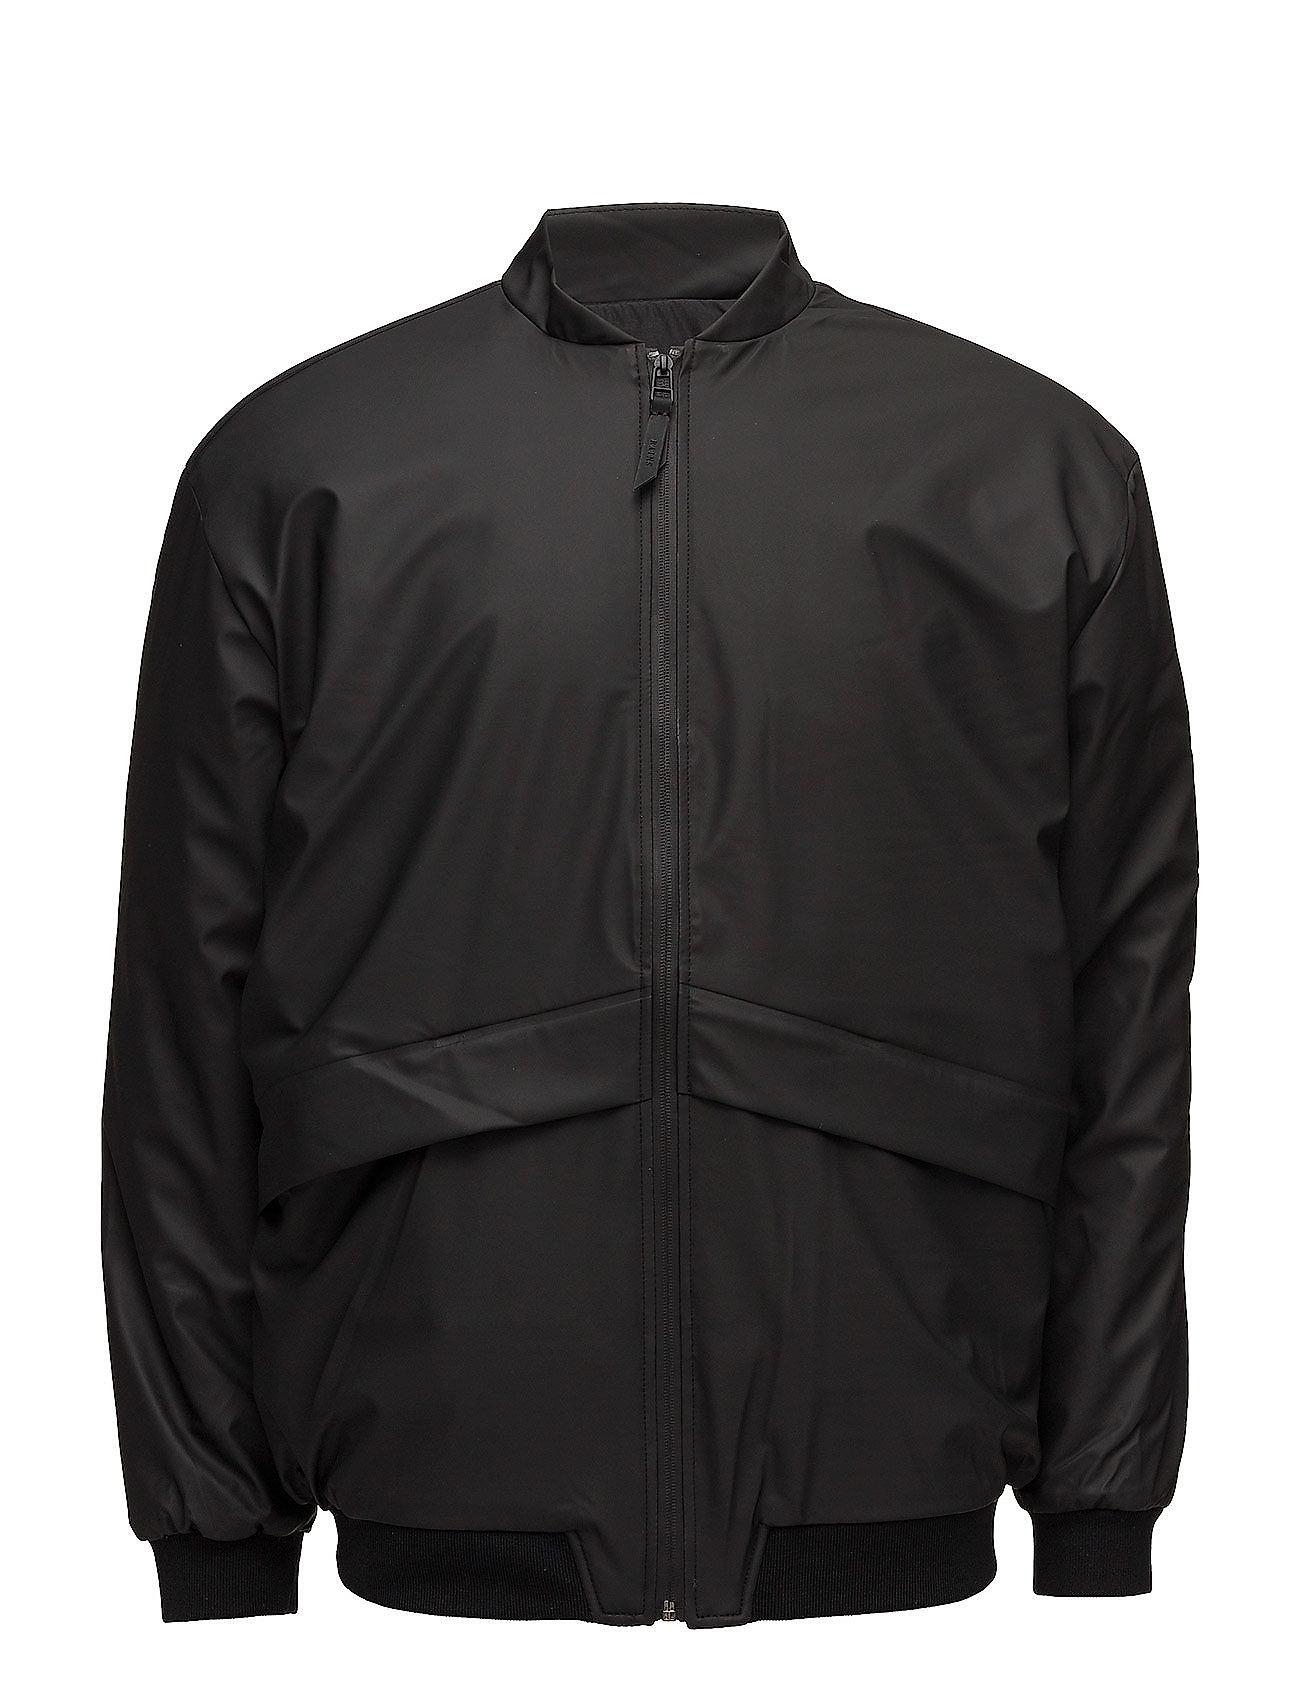 Rains B15 Jacket - 01 BLACK